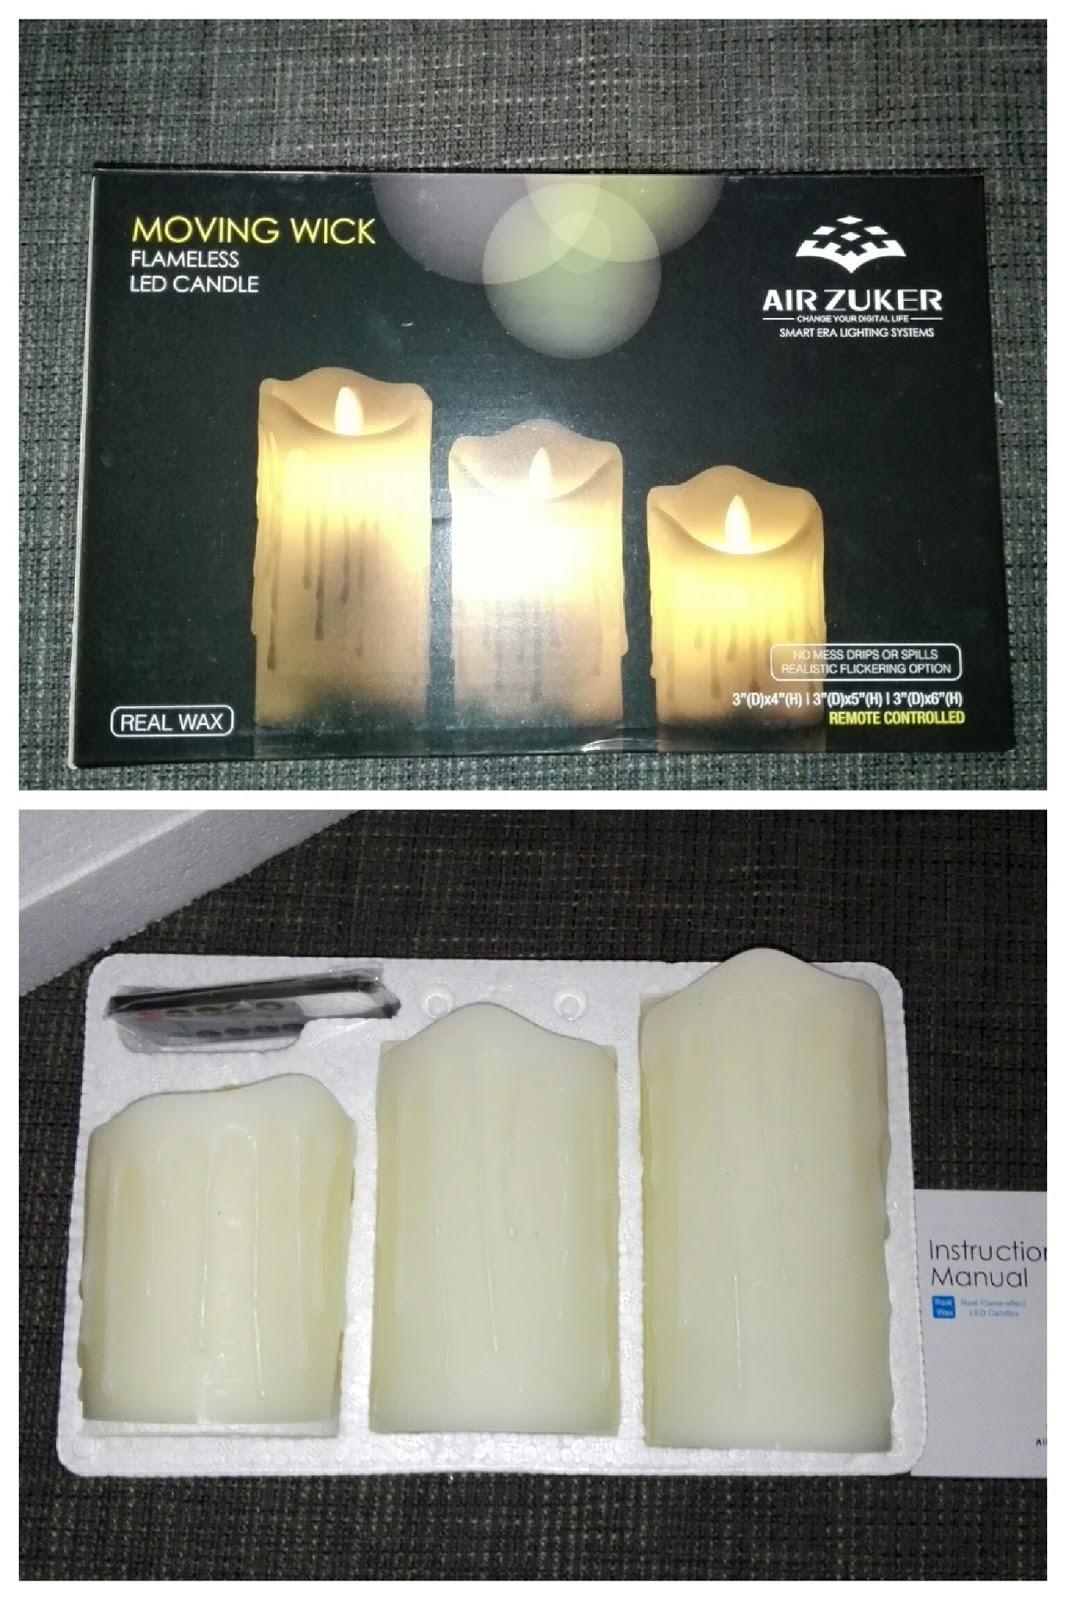 Air Zuker 3er LED Flammenlose Kerzen